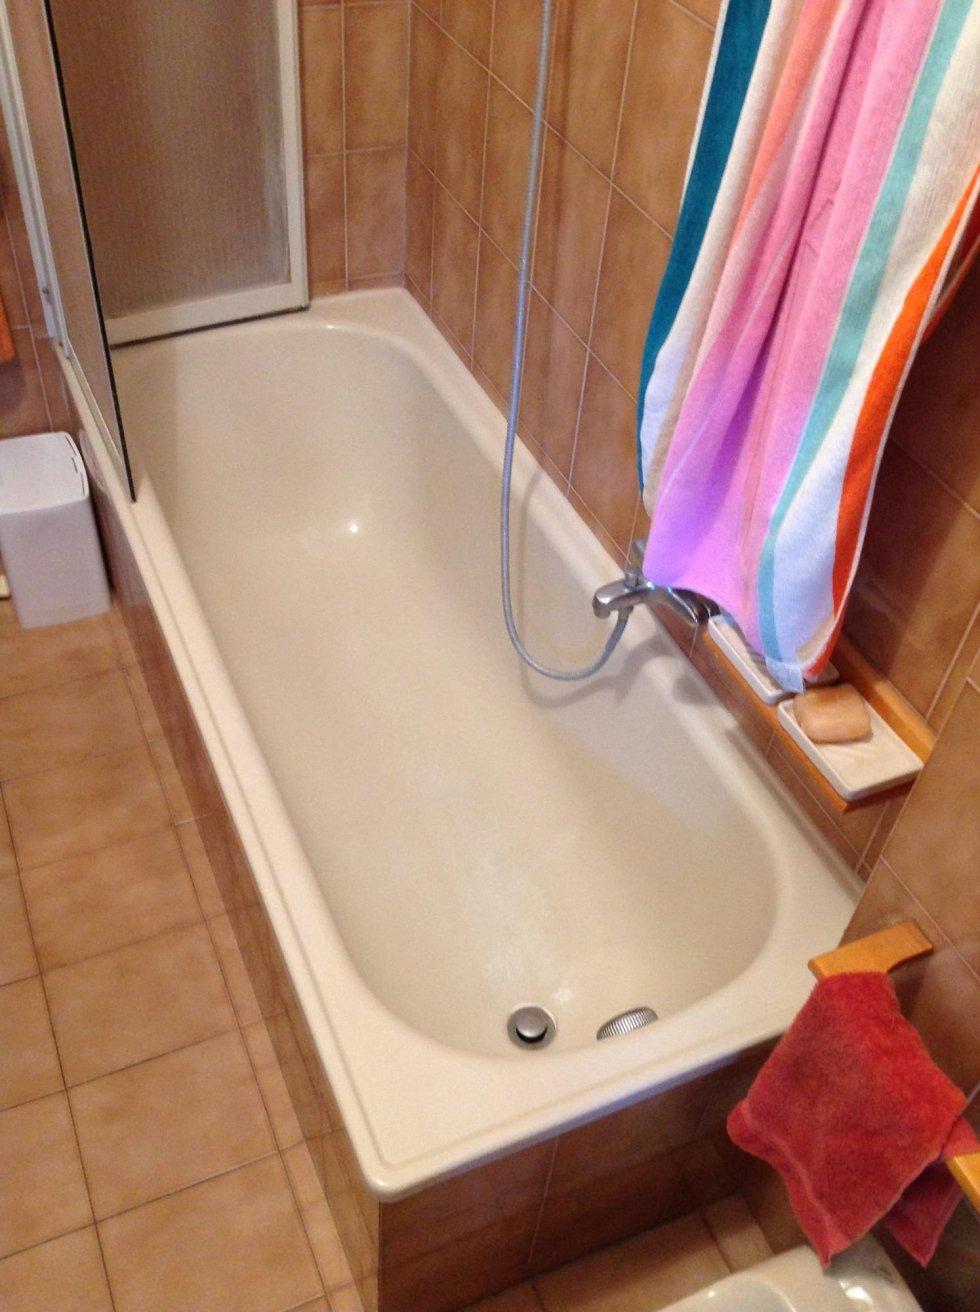 sostituzione vasche reggio emilia